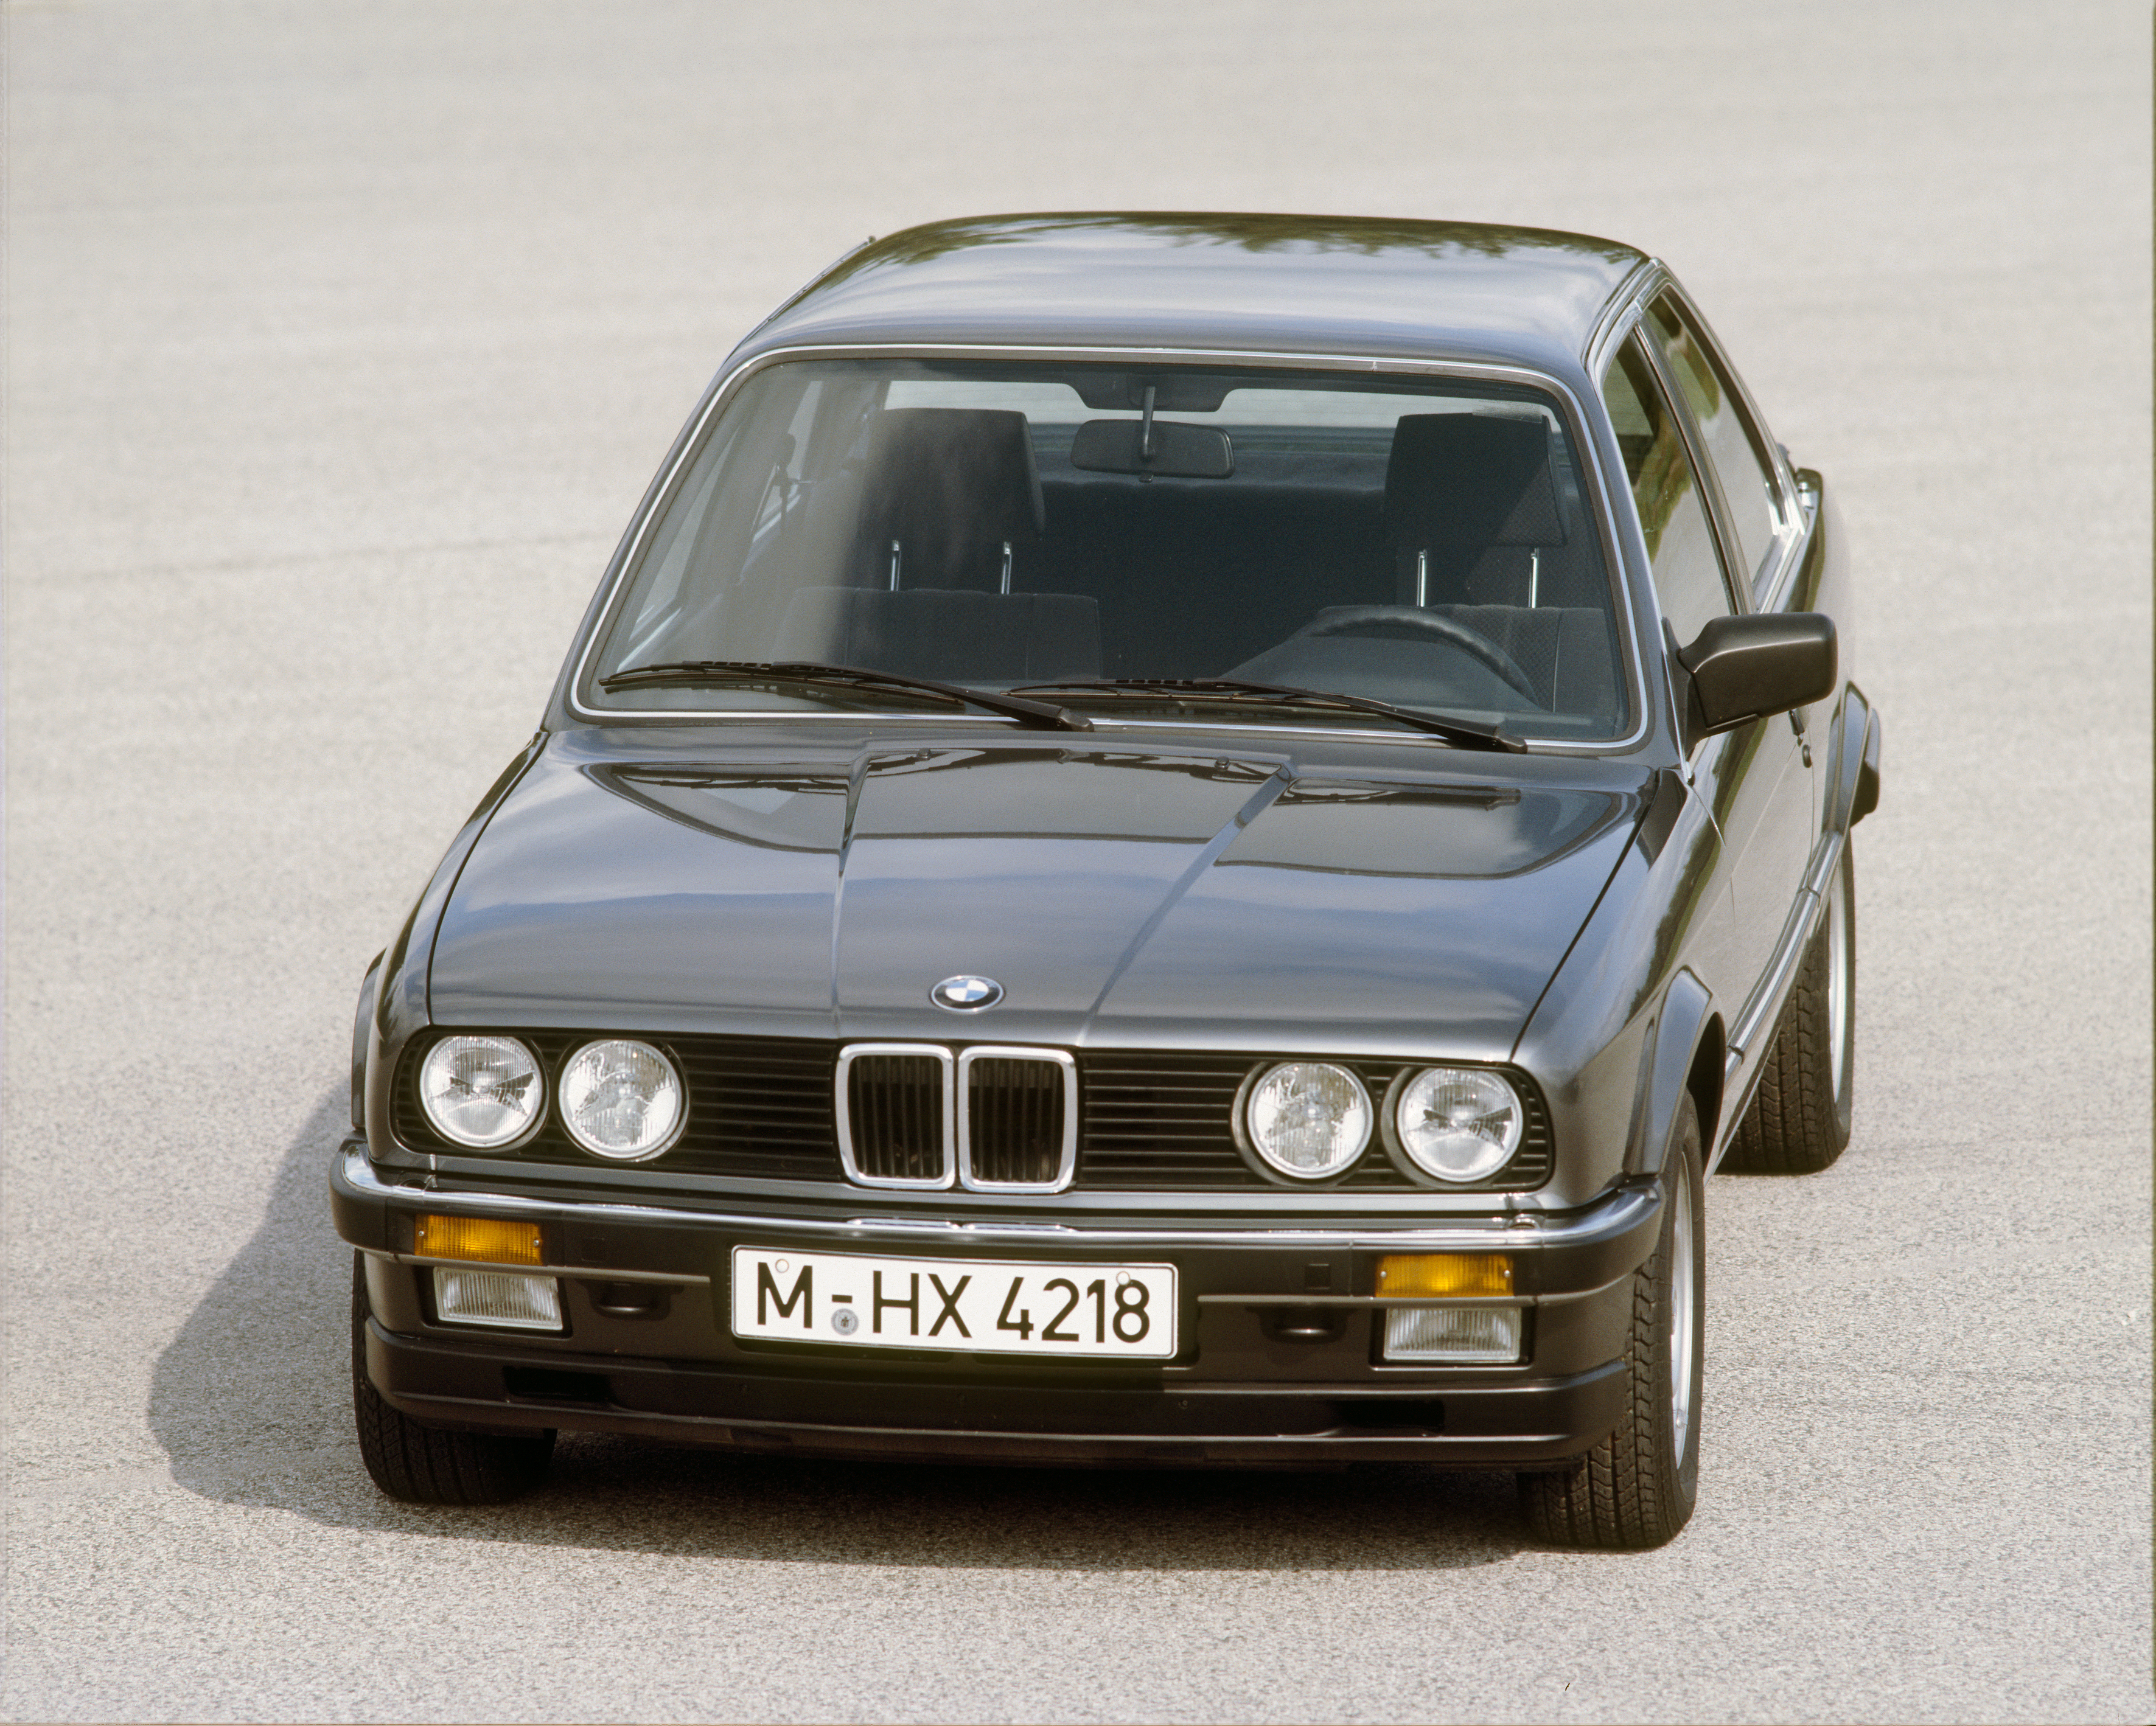 fotos de BMW antigas